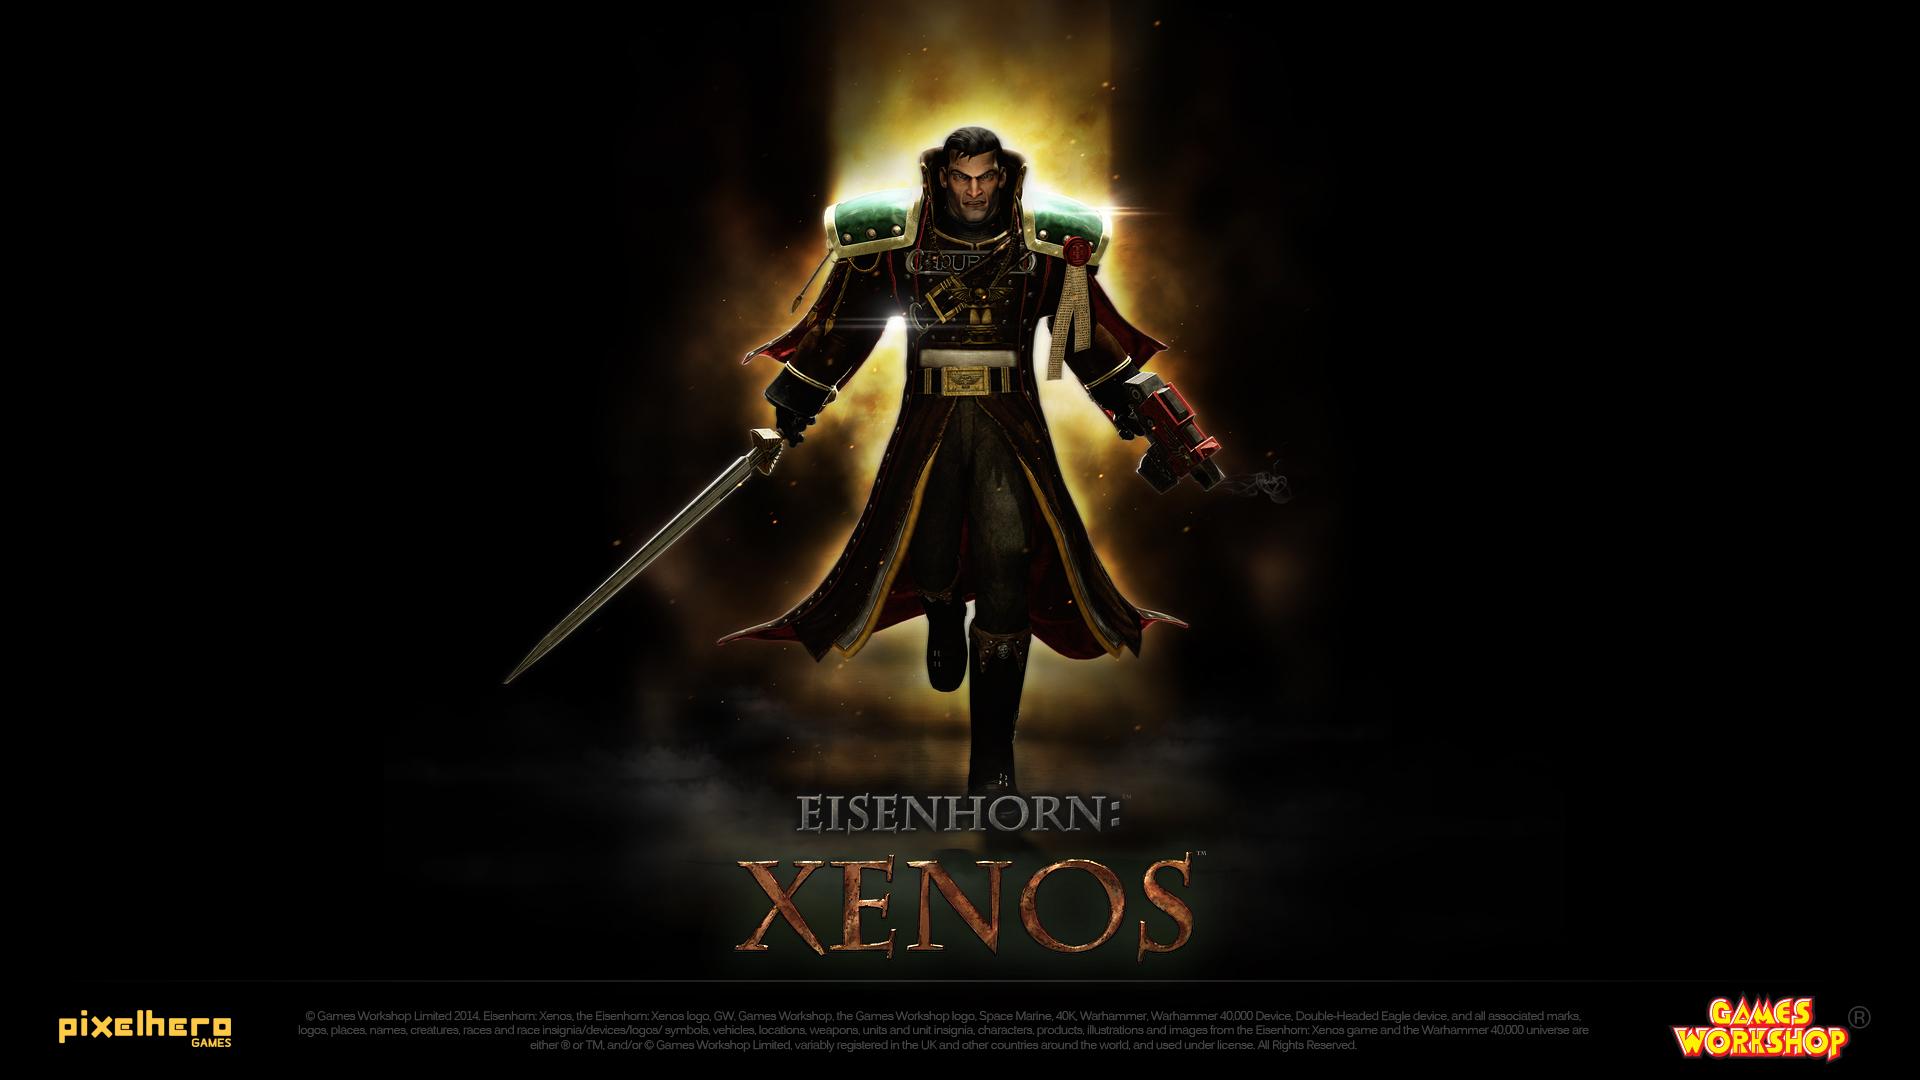 xenos_poster1